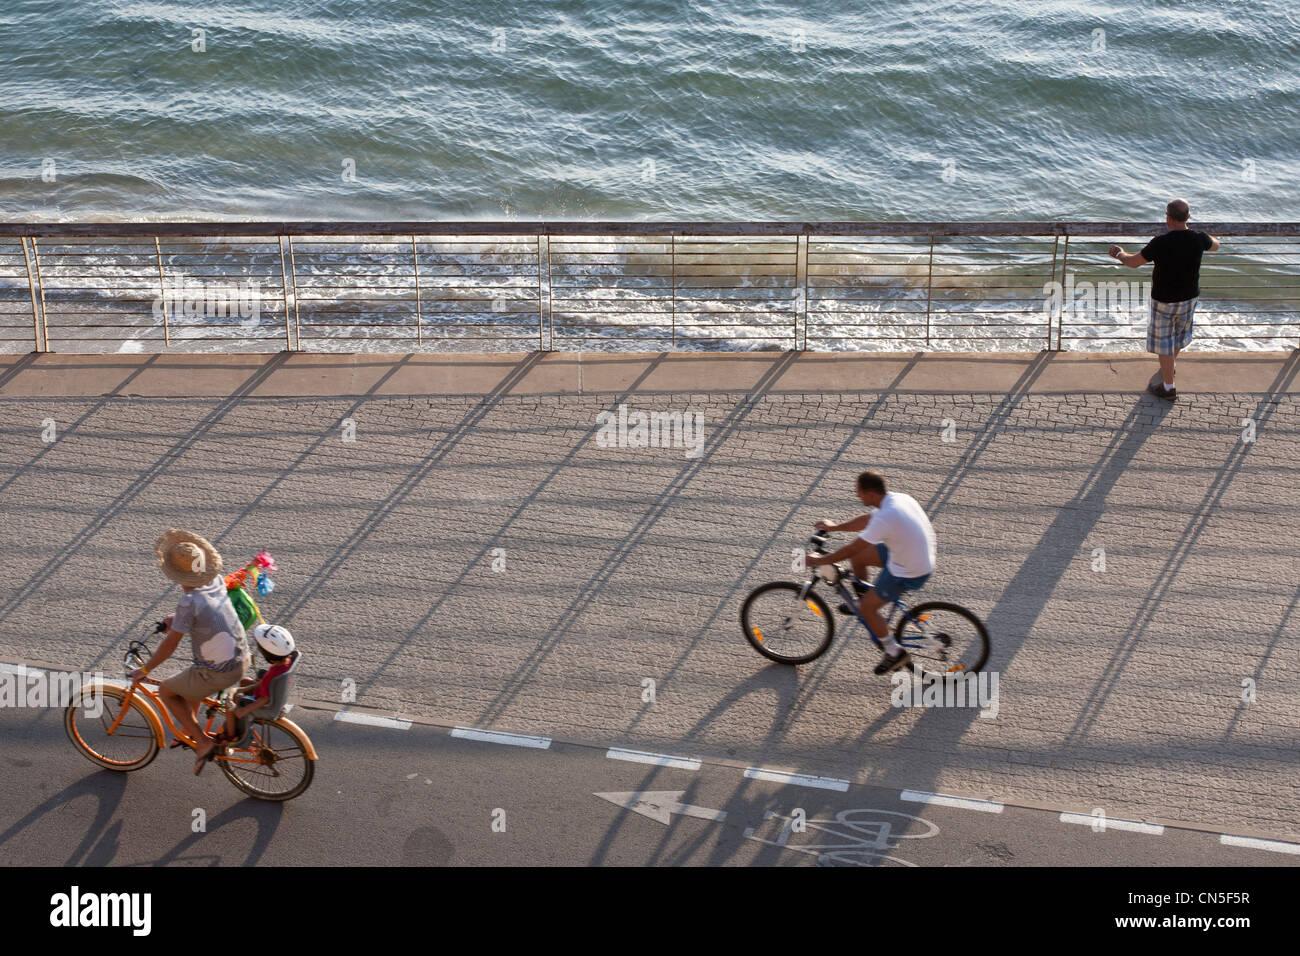 Israel, Tel Aviv, Lahat paseo marítimo cerca del puerto Imagen De Stock